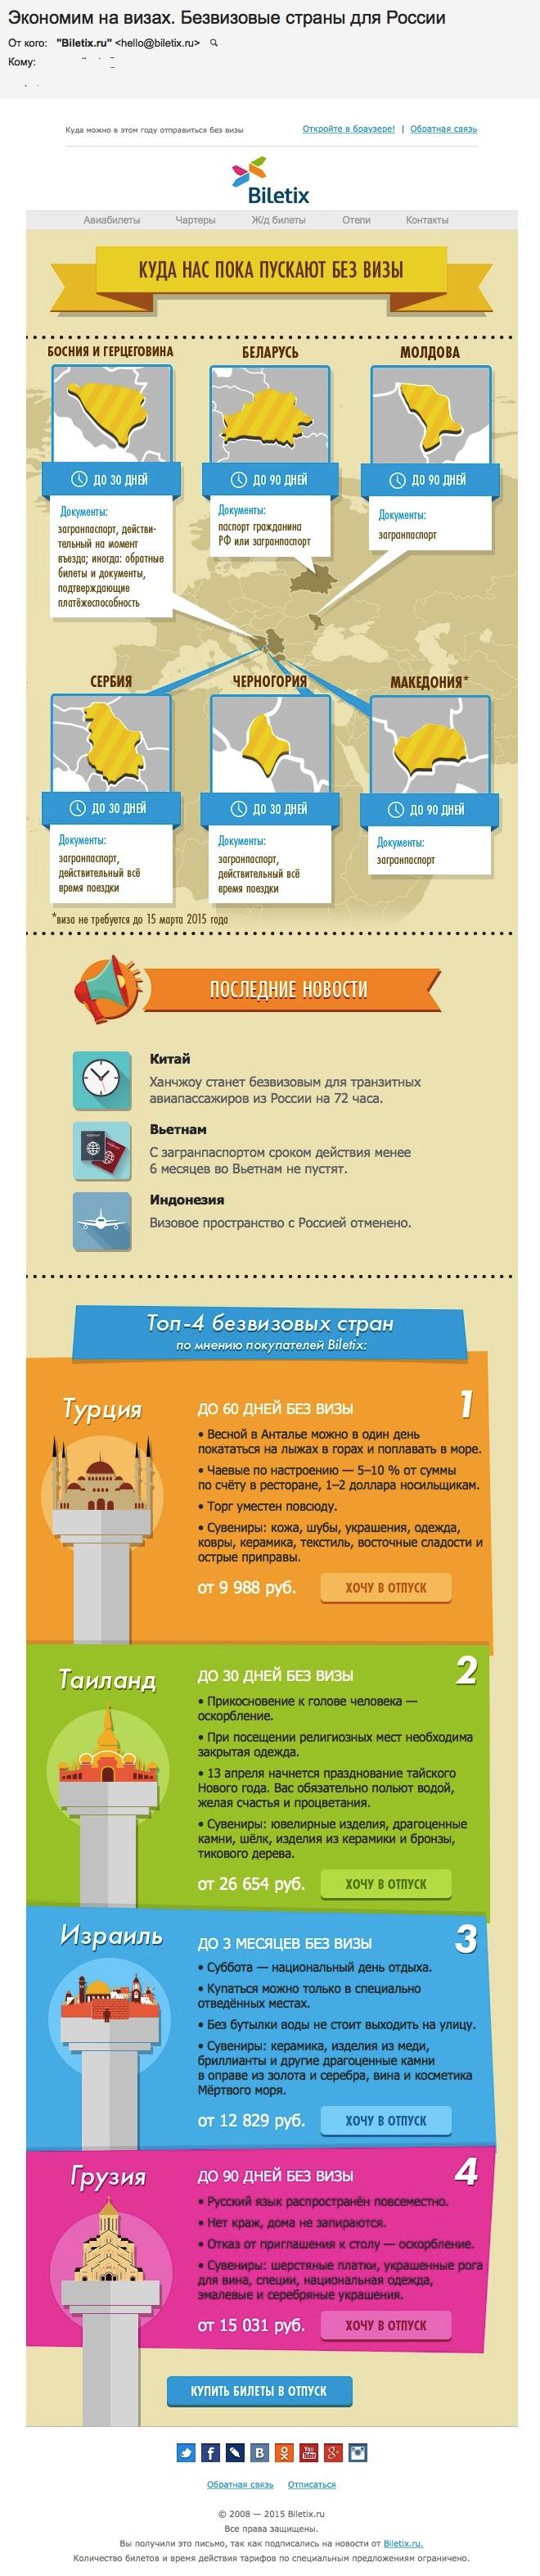 """Biletix.ru: инфографика (25.02.15). Идеальная памятка, рассказывающая туристу, в каких странах он может отдохнуть, сэкономив на оформлении виз. """"Инфографичная"""" подача необычна для емейл-сообщения."""